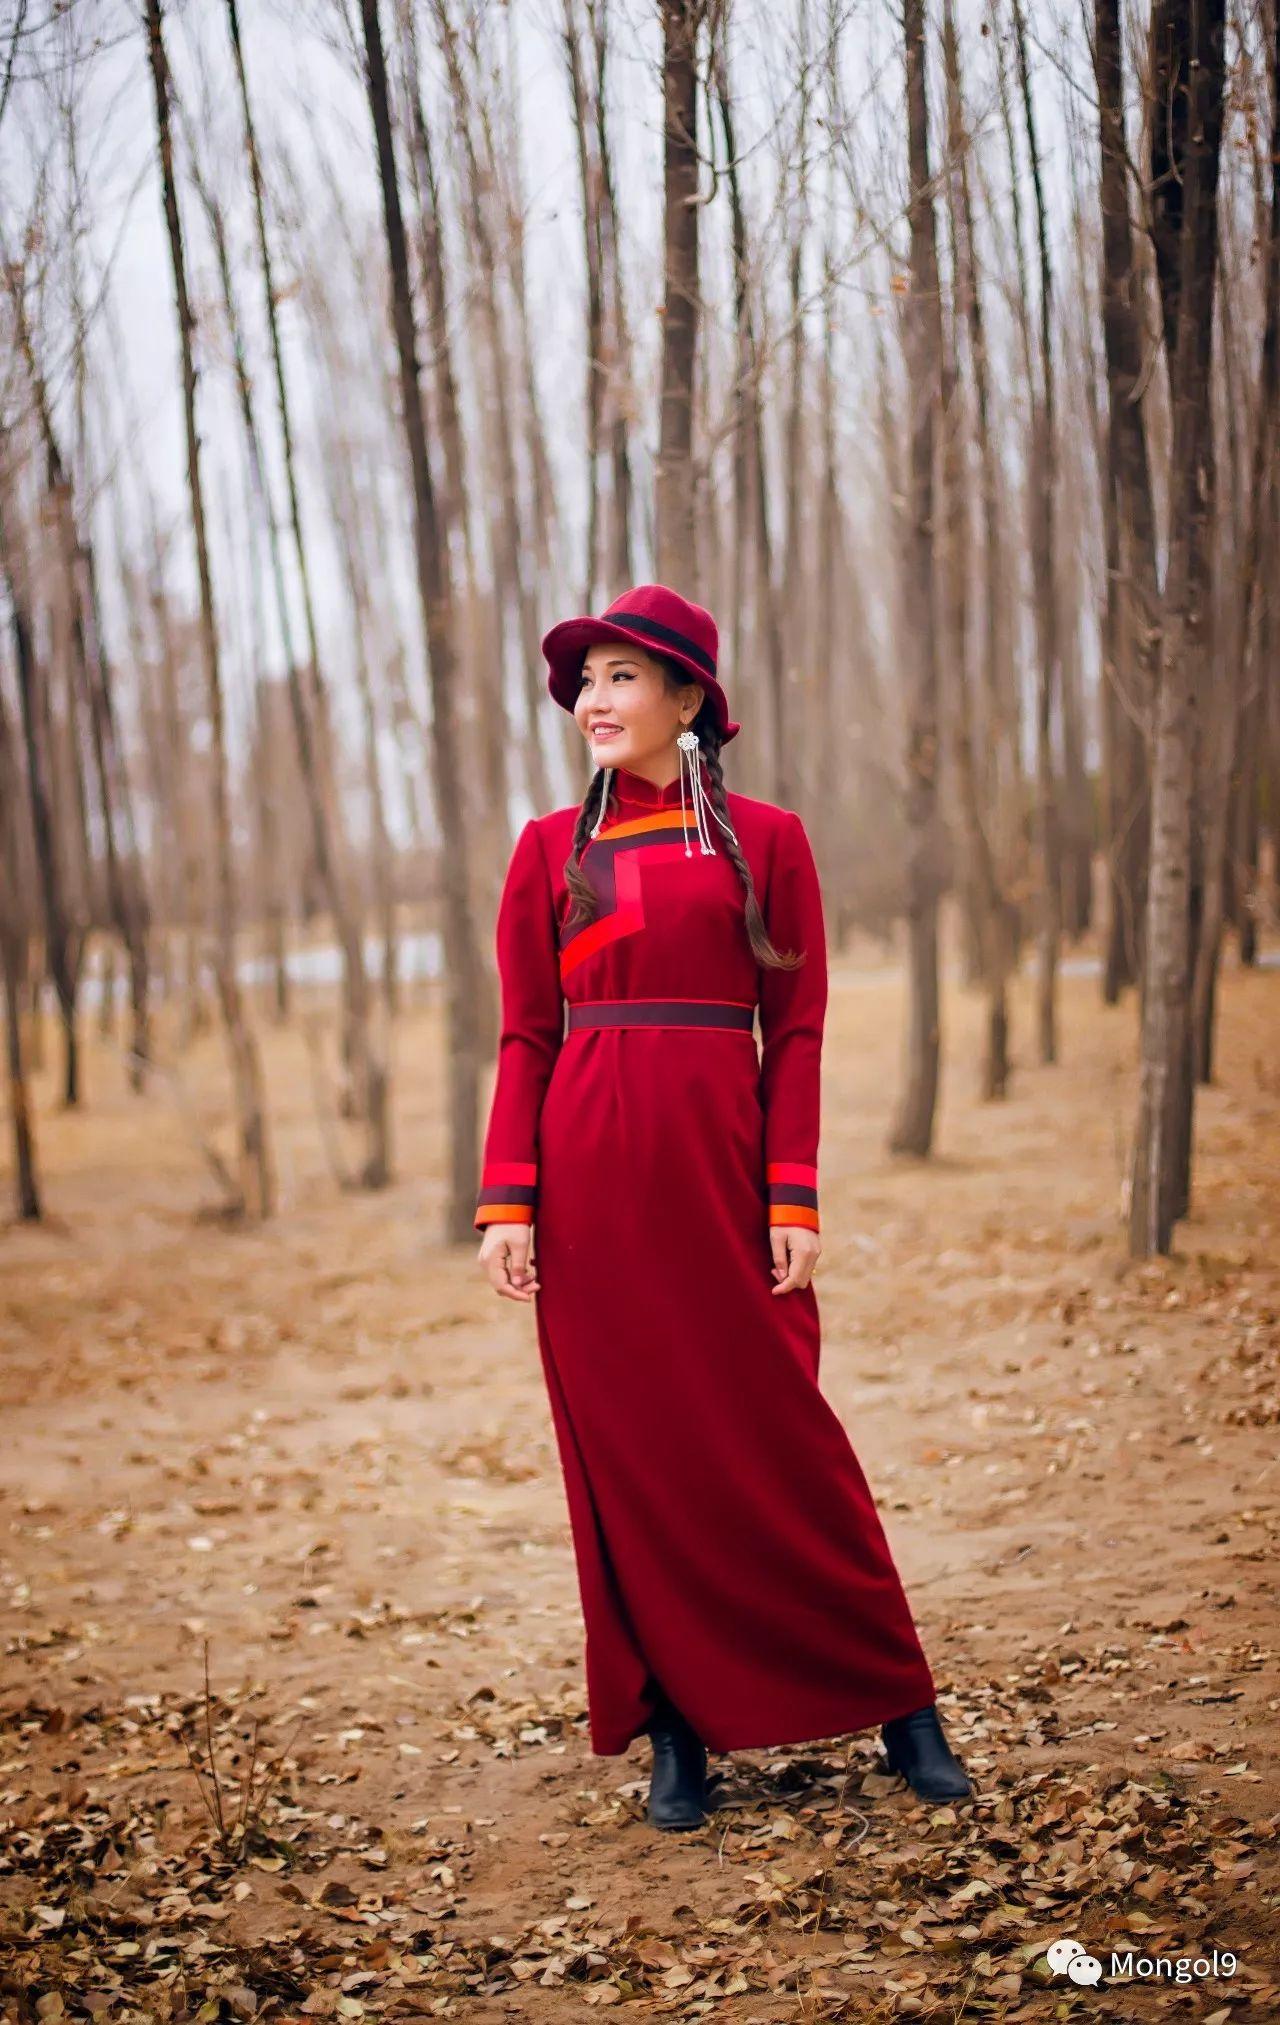 为我的蒙古闺蜜们而设计 第18张 为我的蒙古闺蜜们而设计 蒙古服饰